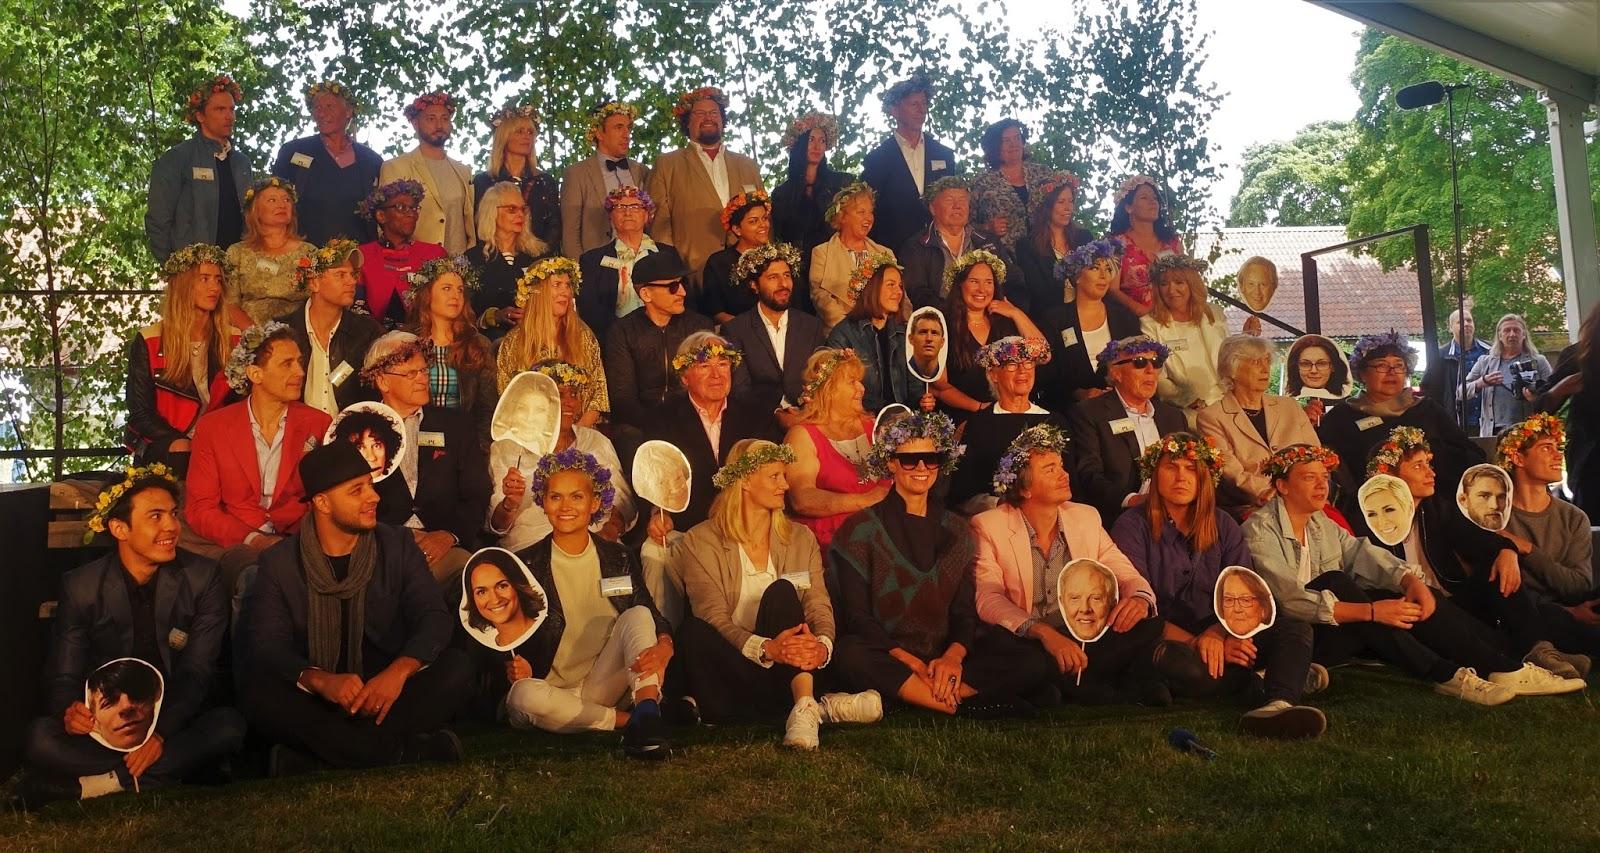 0faf3268b81b Så presenterades de då, en och en, sisådär 60 stycken personligheter som  fått äran att prata inför Svenska folket i sommar. De flesta kände man igen  och ...